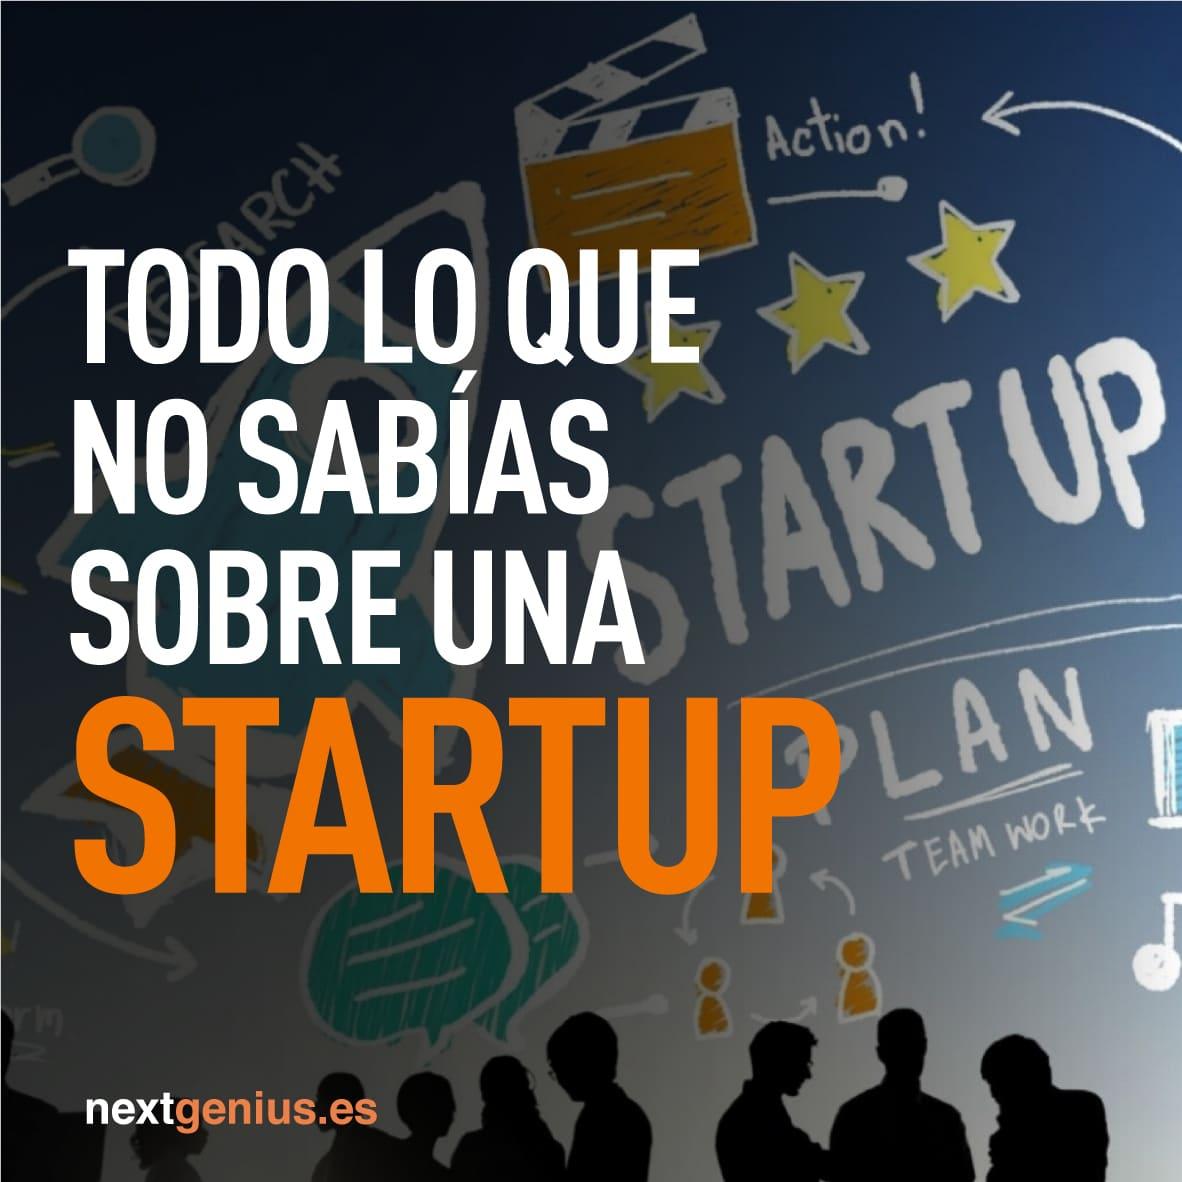 Todo lo que no sabías sobre una startup